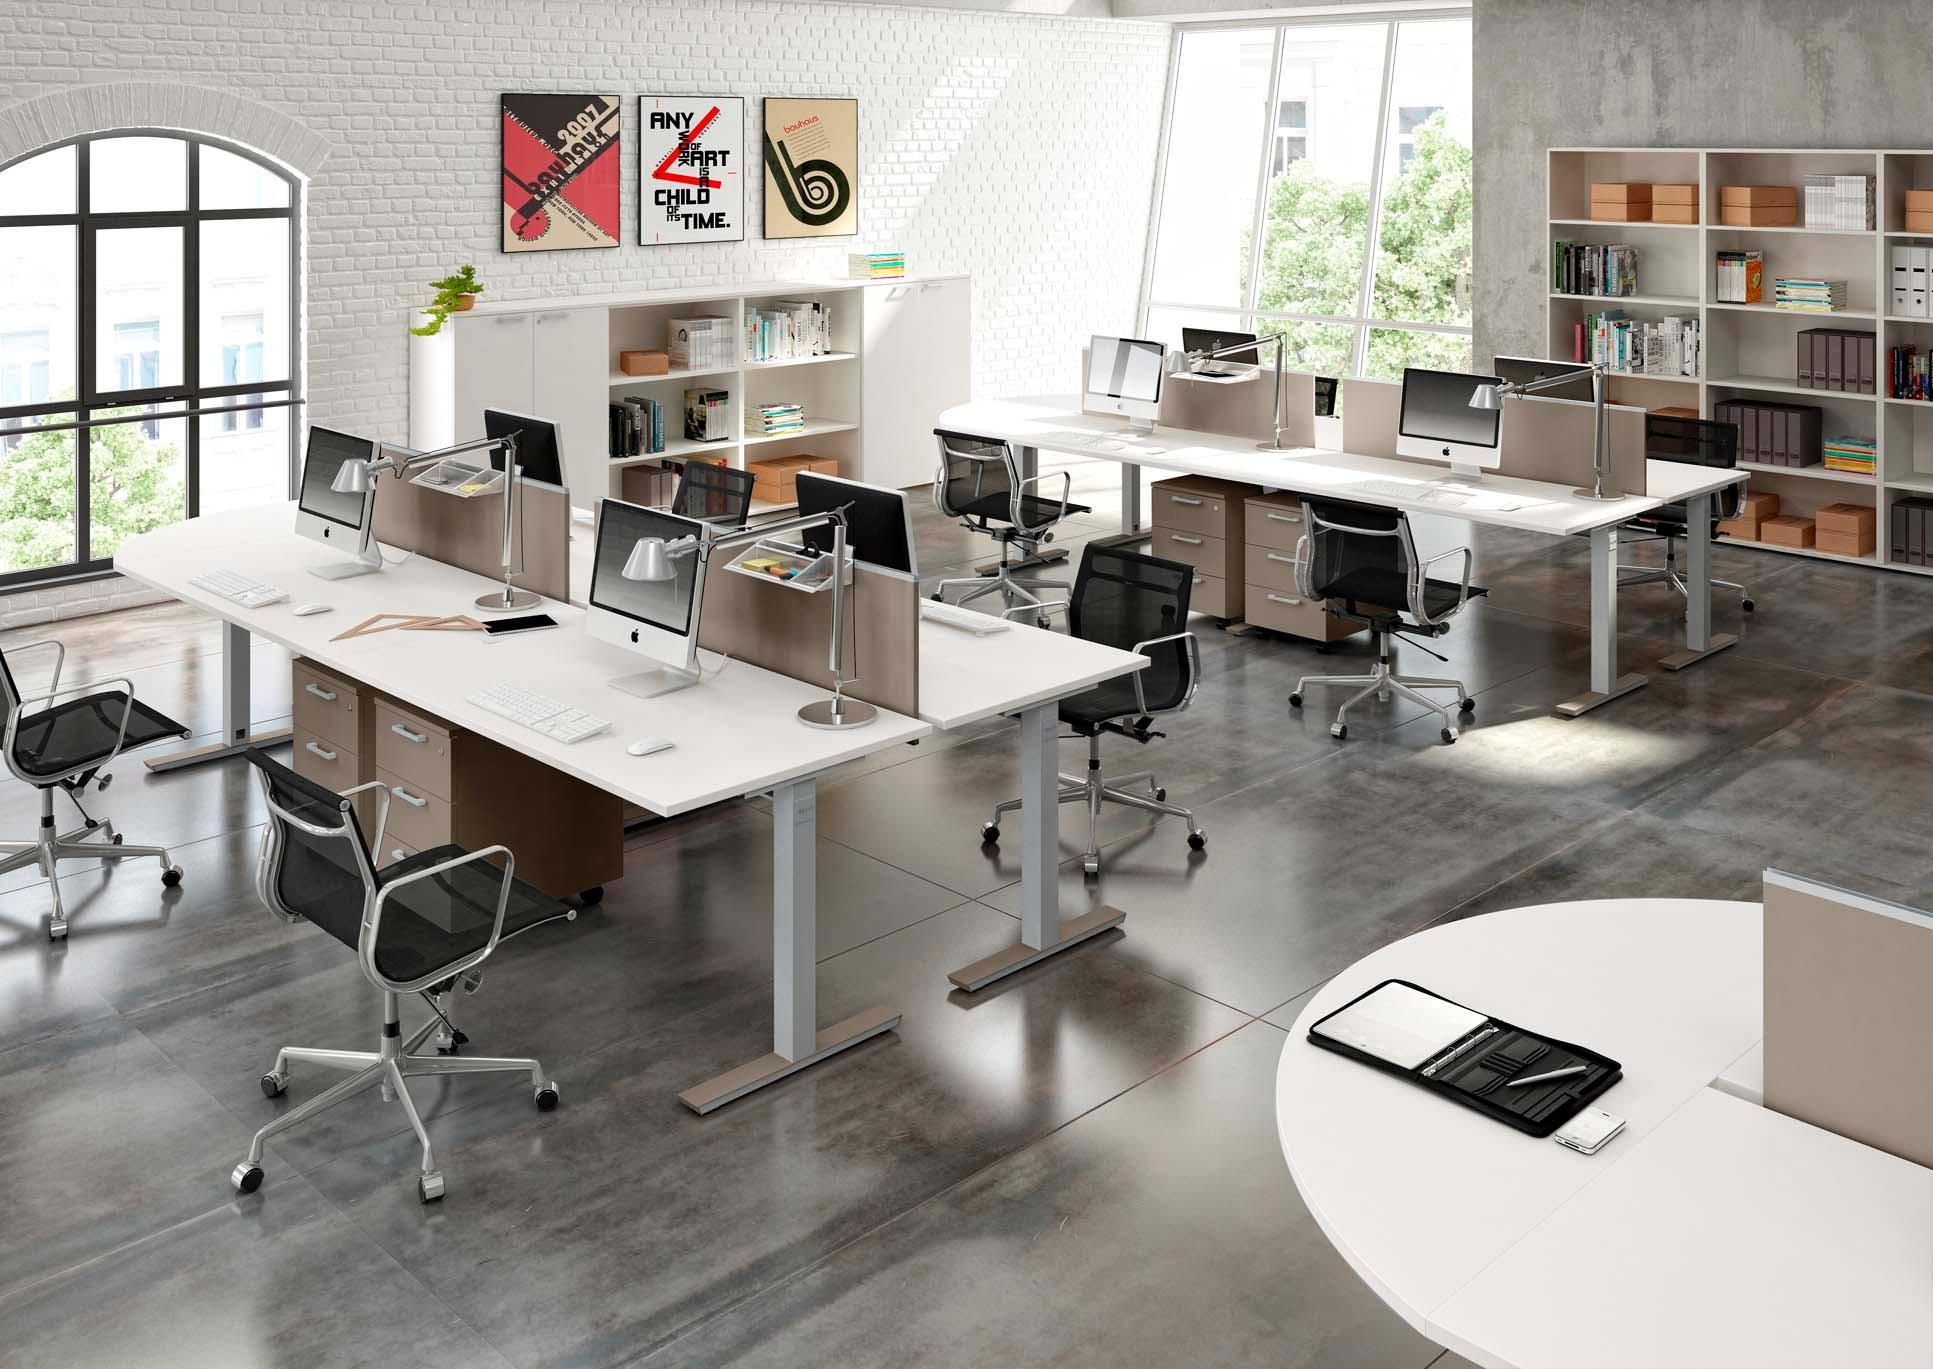 Postazioni operative ufficio firenze for Arredo ufficio firenze